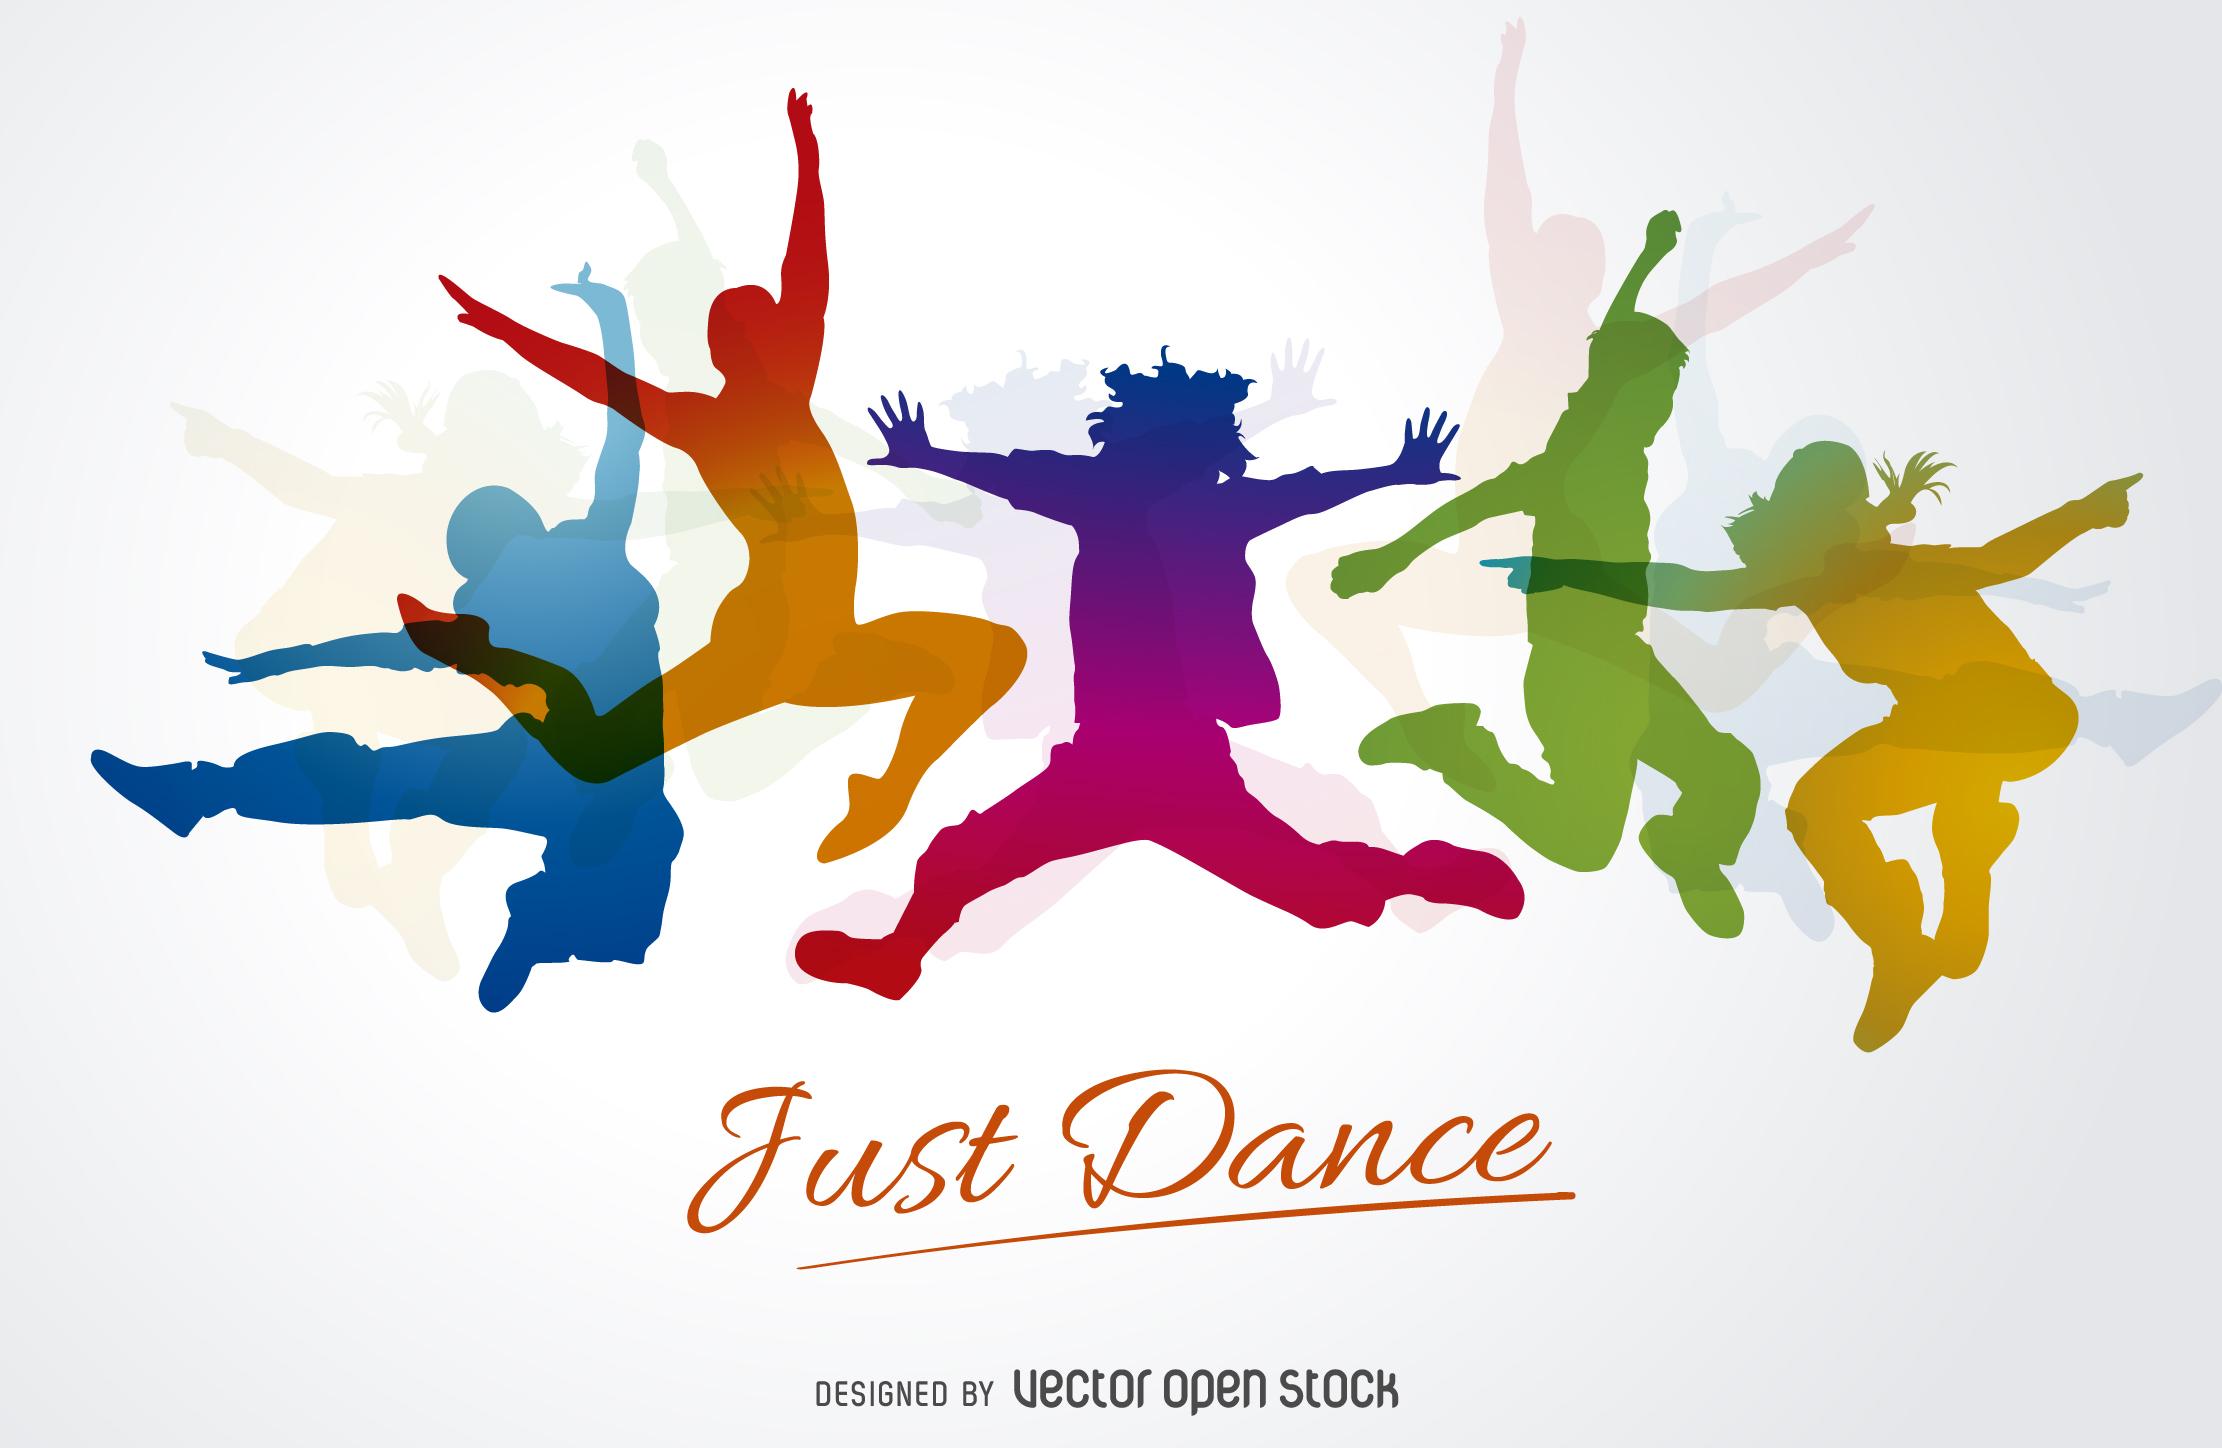 Sagome Ballerini Dance Silhouettes Vettoriali Gratis